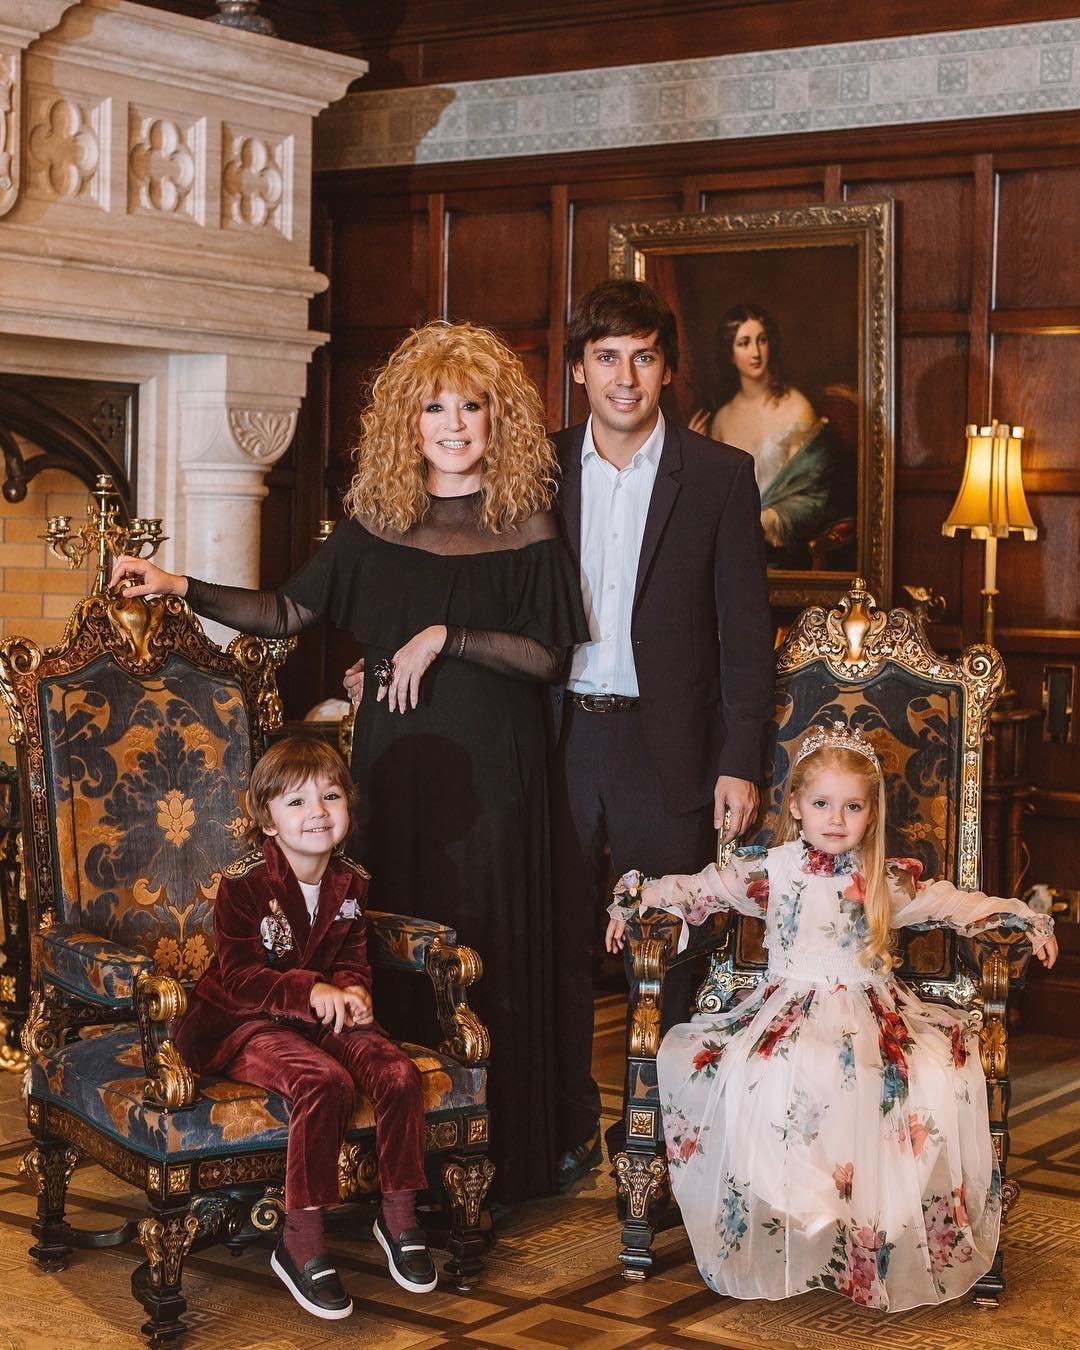 Максим Галкин поздравил фолловеров иобнародовал трогательное семейное фото